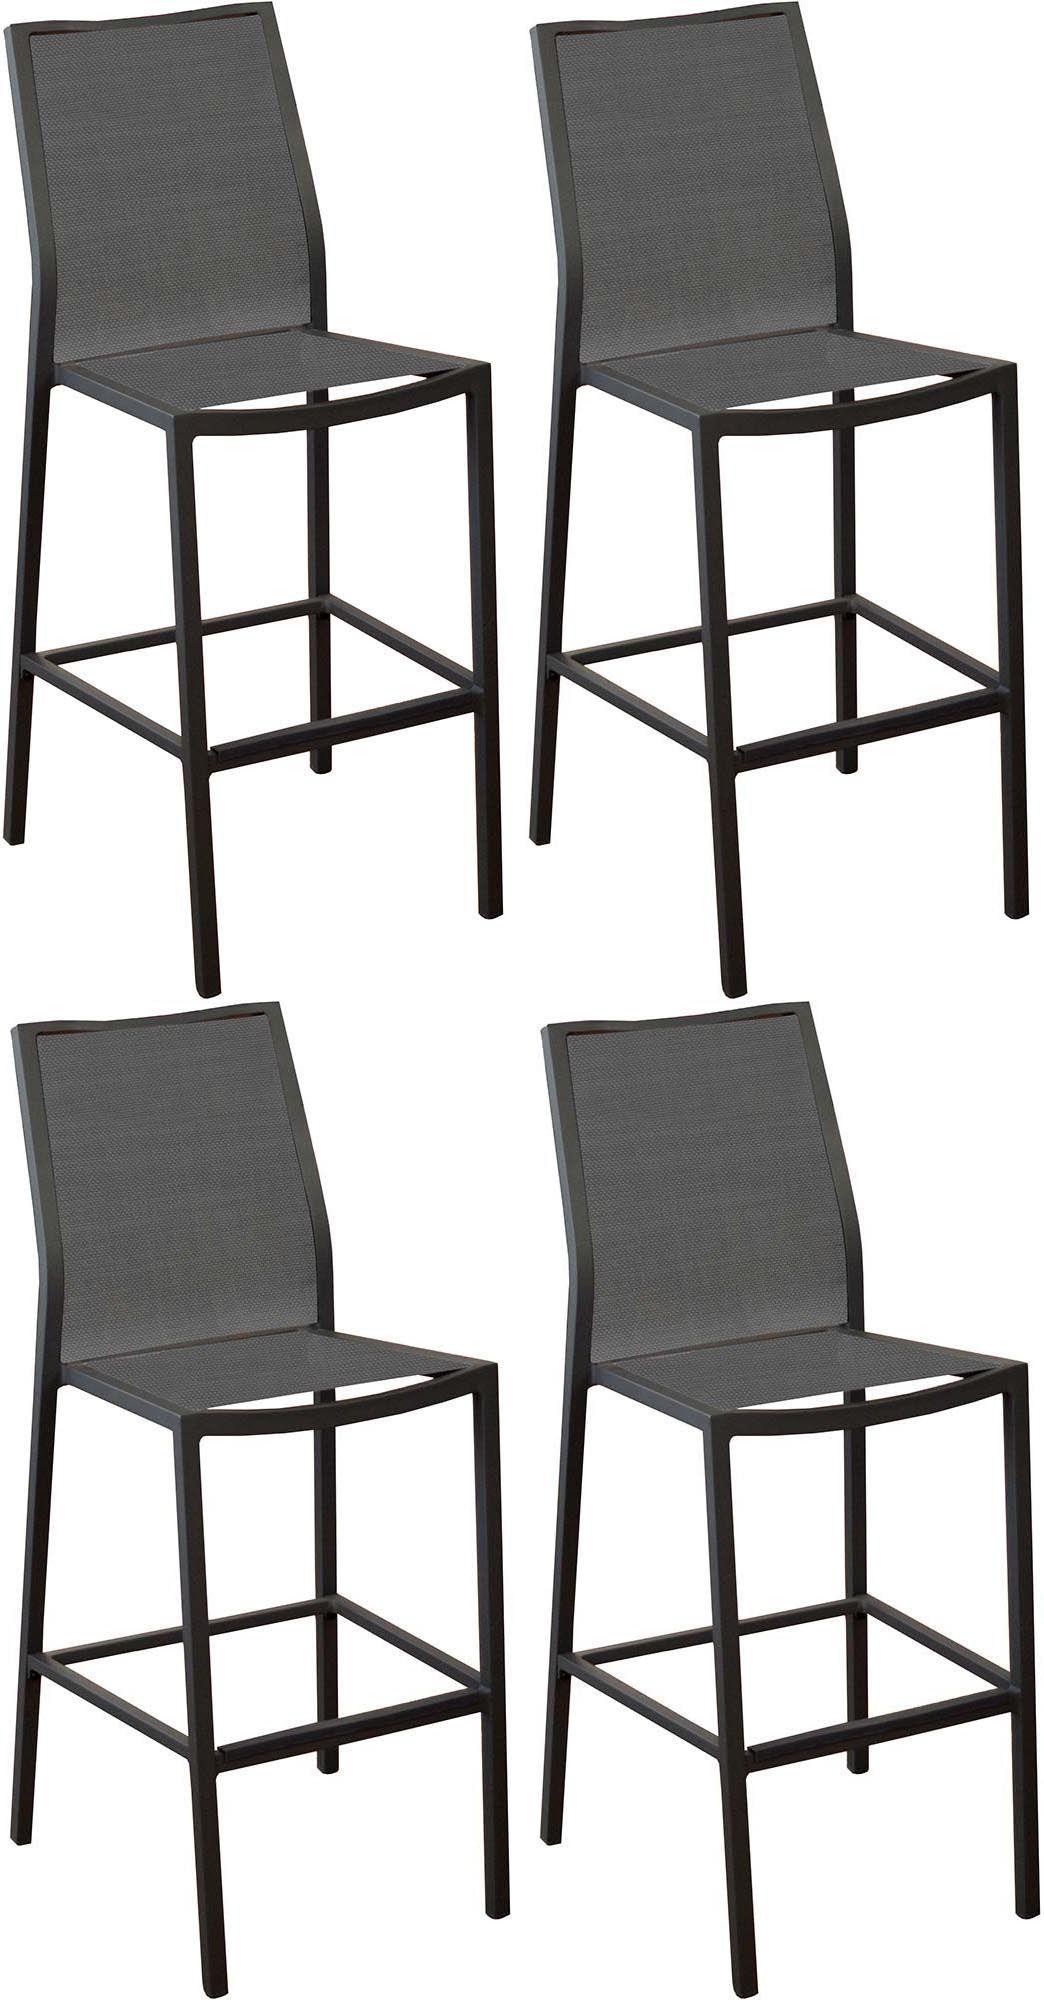 chaises de bar en aluminium ida lot de 4 gris. Black Bedroom Furniture Sets. Home Design Ideas